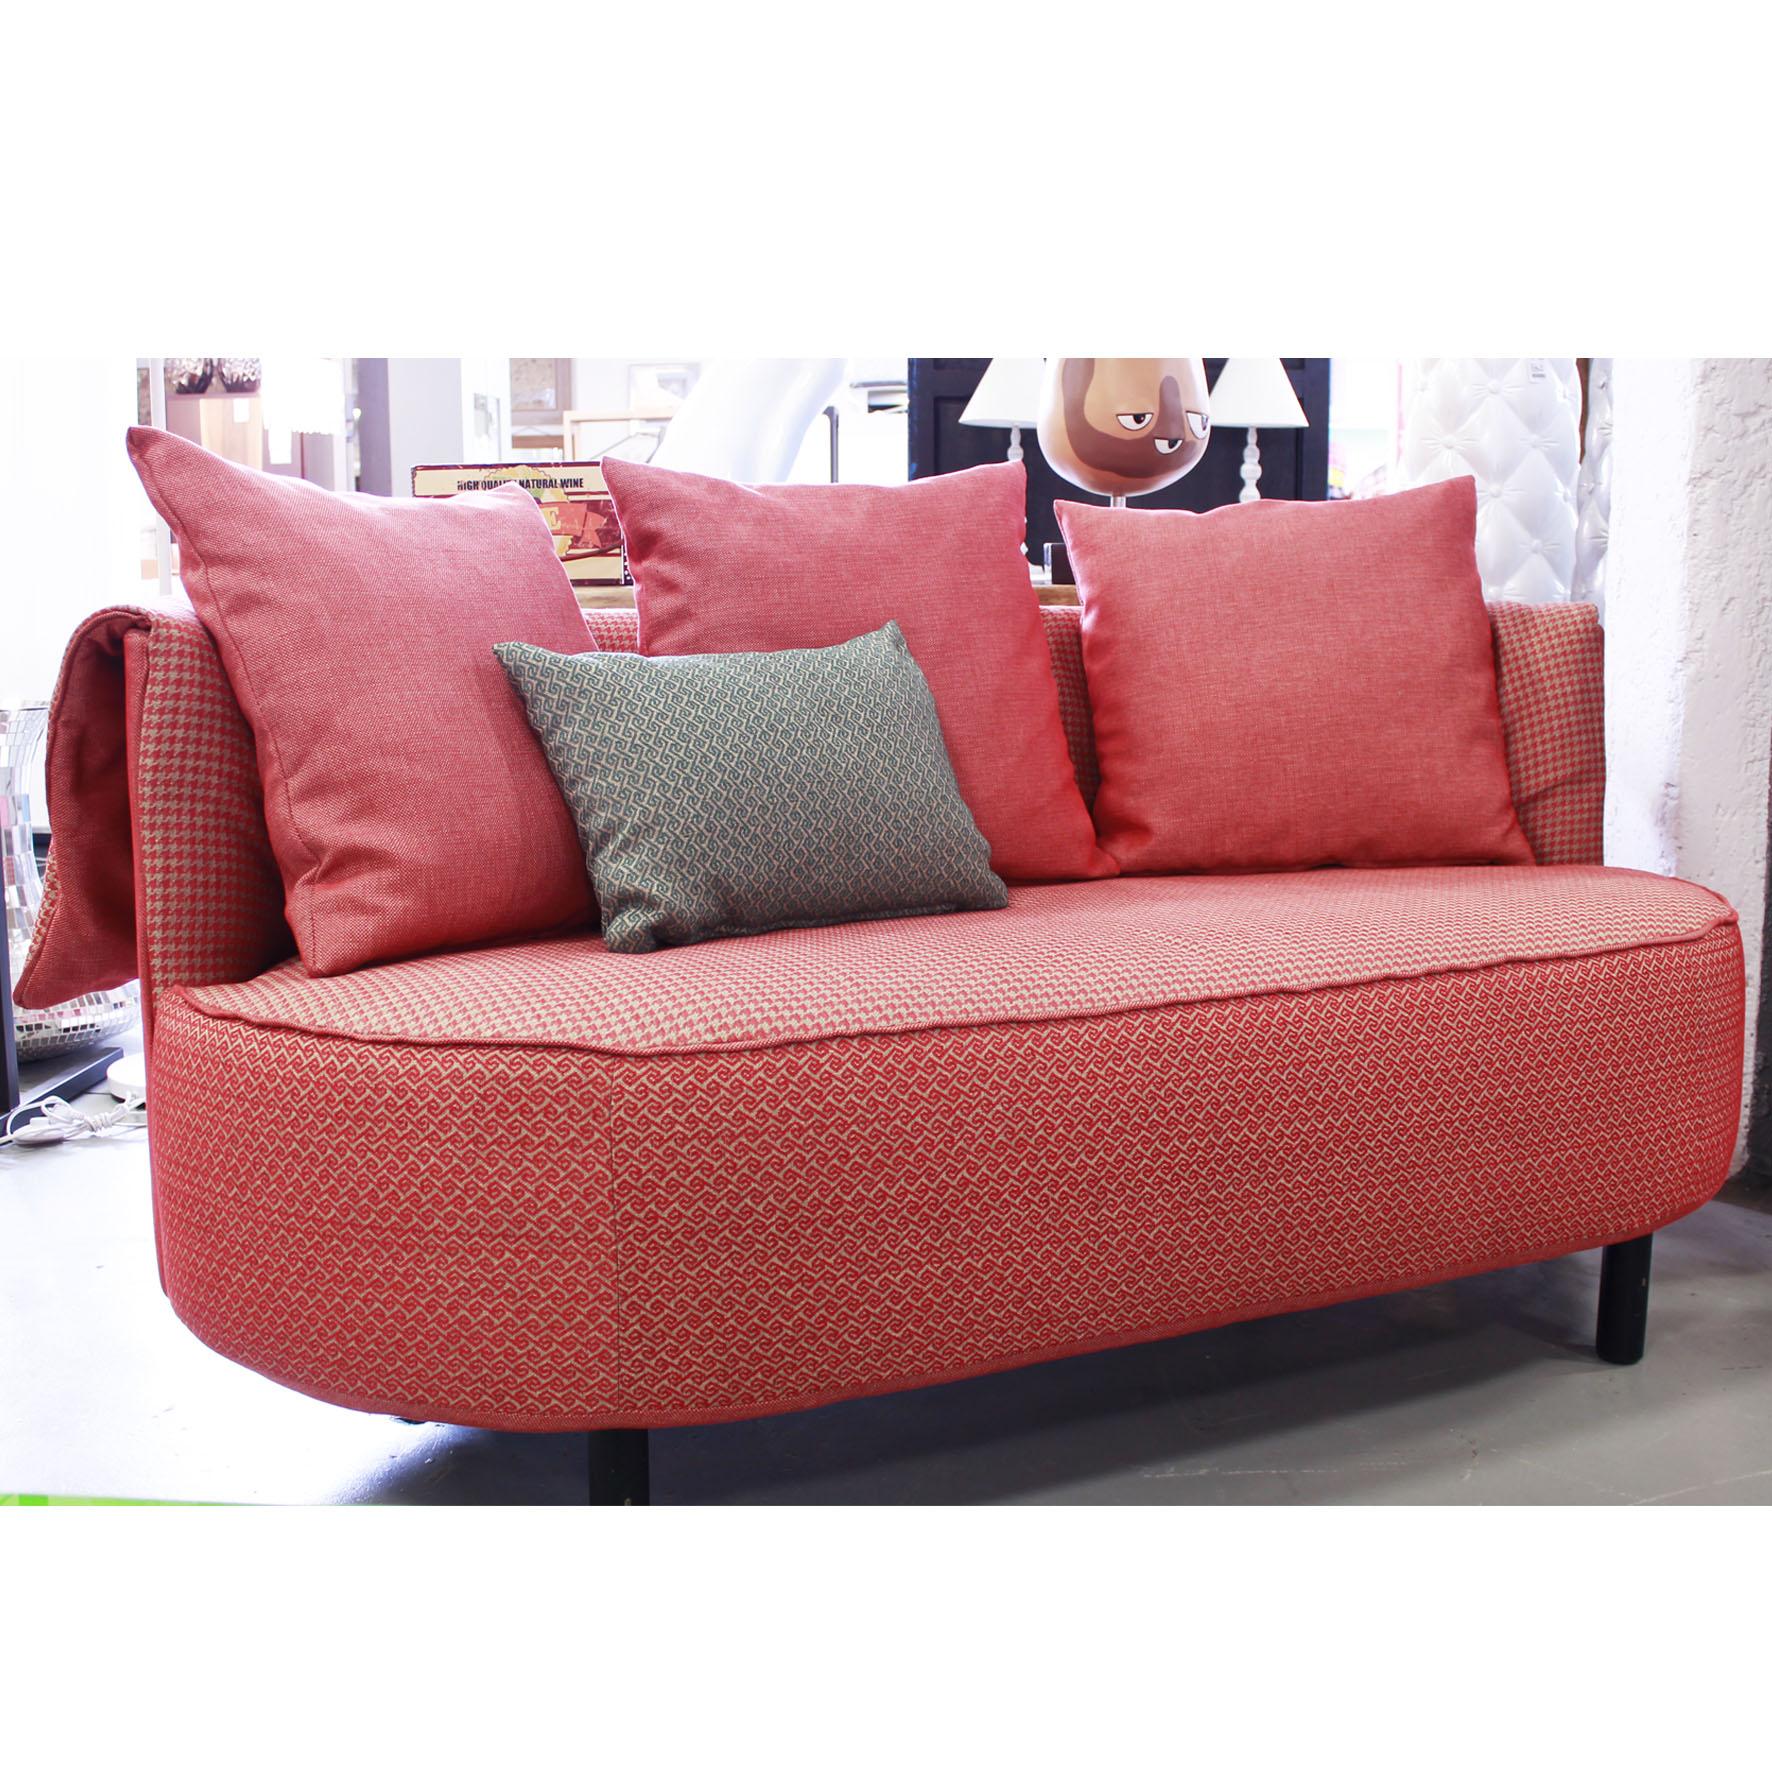 Divano vintage british tessuto piccolo outlet arredo design - Piccolo divano imbottito ...